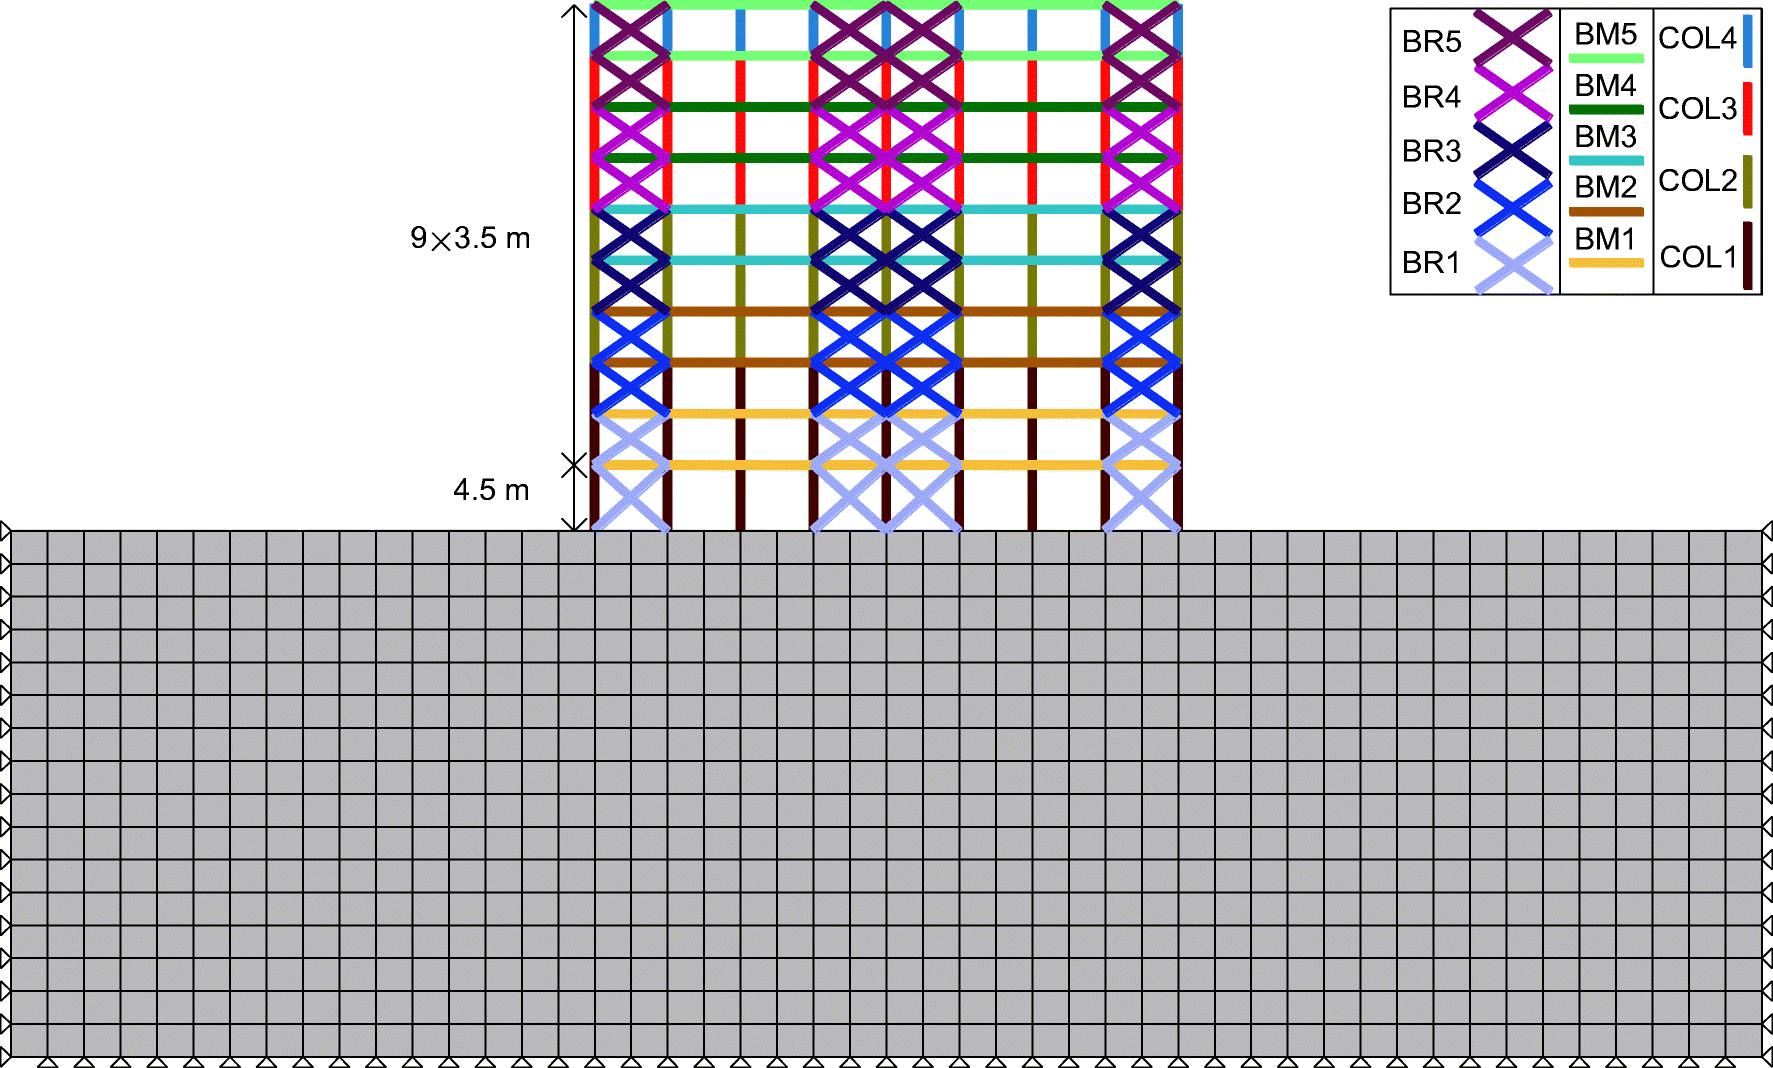 Optimum design of steel braced frames considering dynamic soil